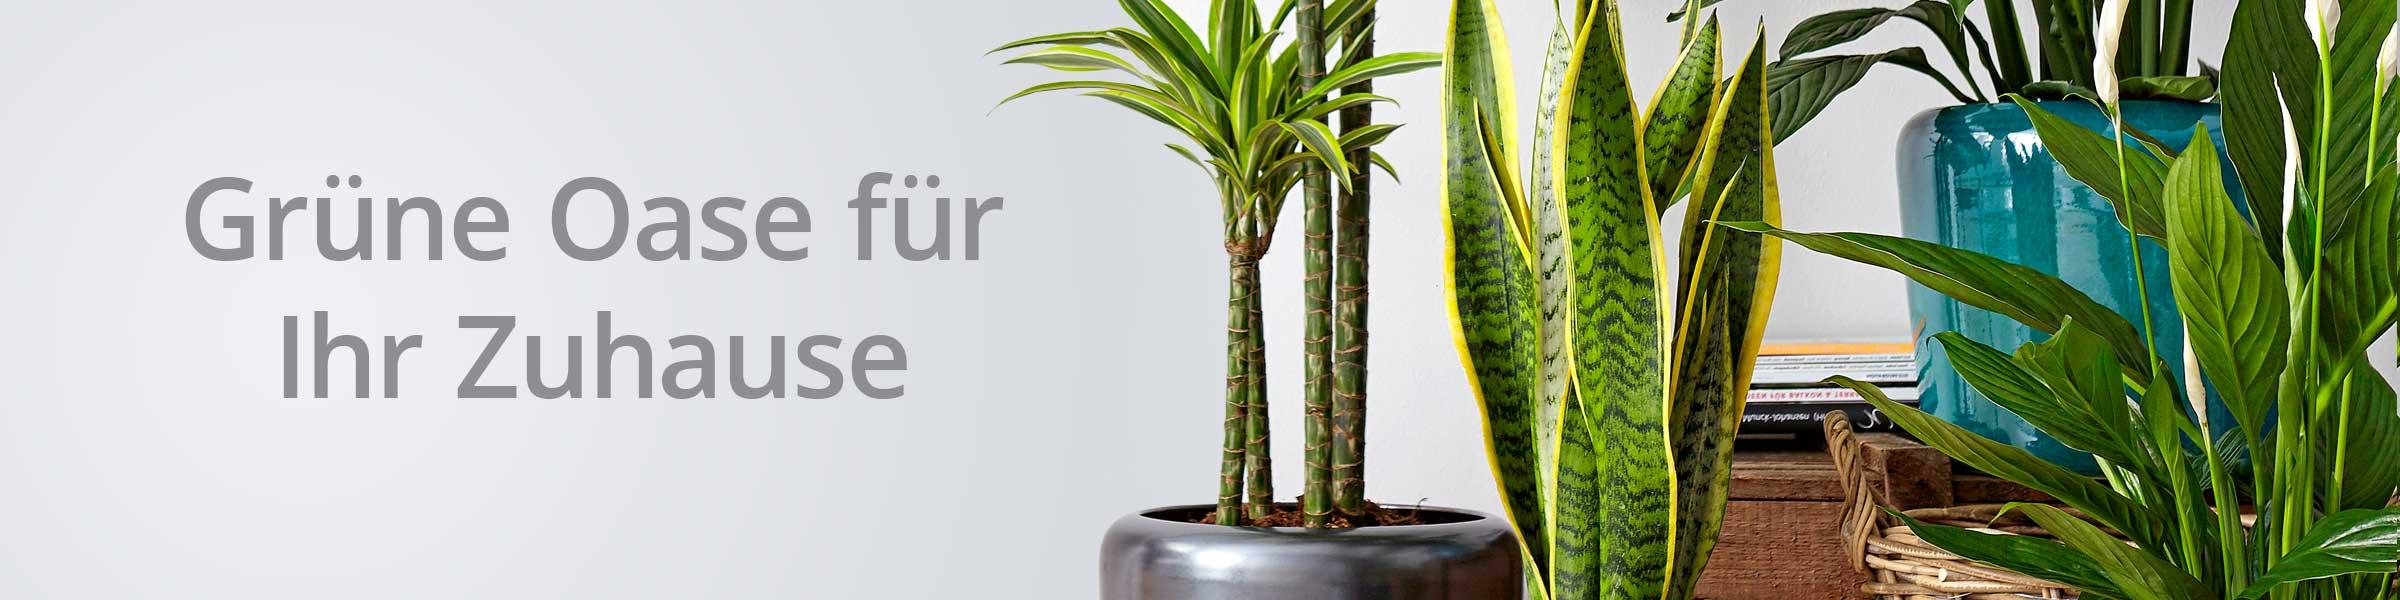 Unsere Pflanzen Kategorien